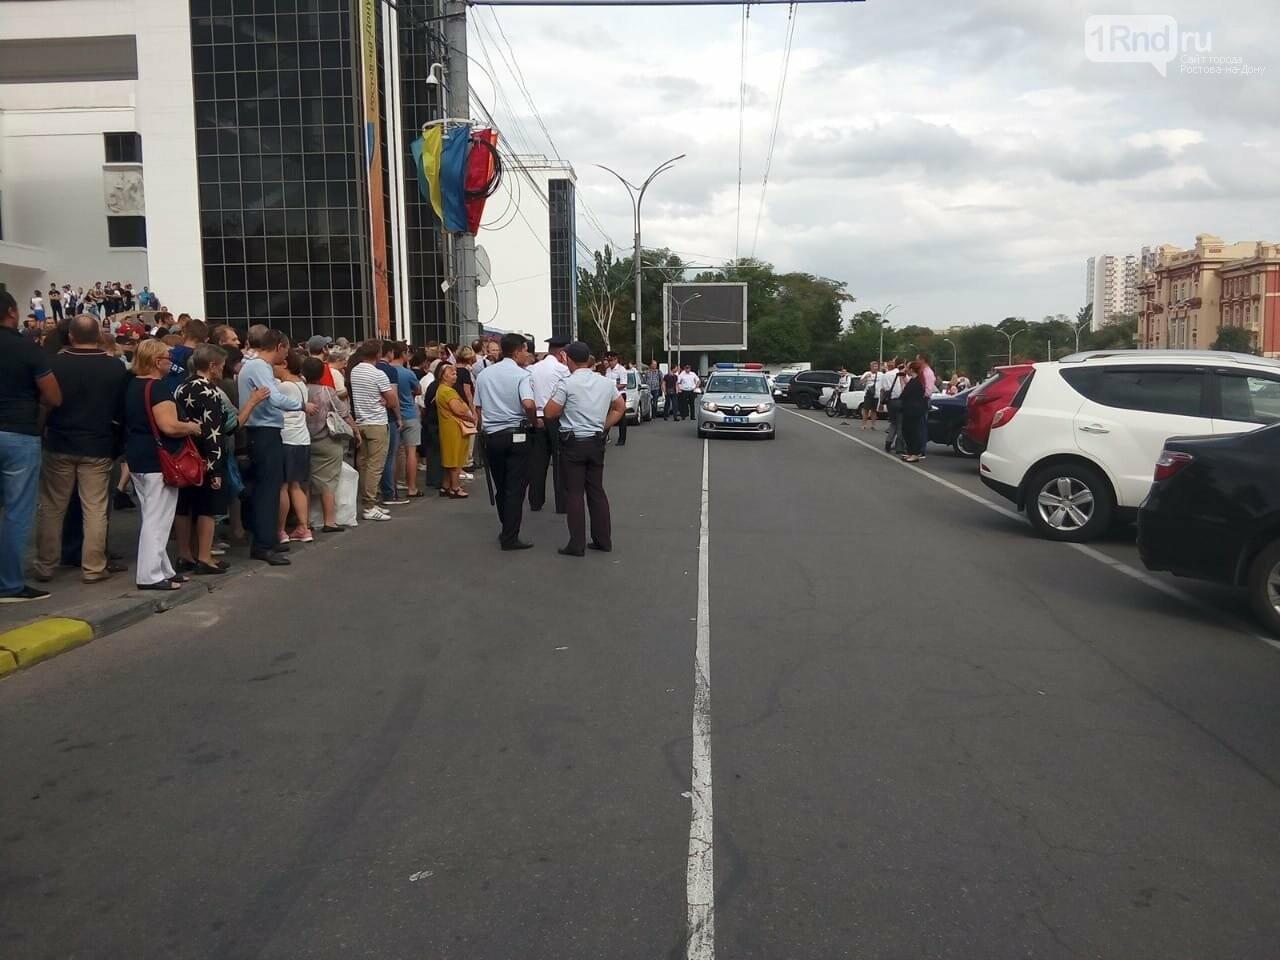 Акция против пенсионной реформы в Ростове завершилась задержаниями, фото-1